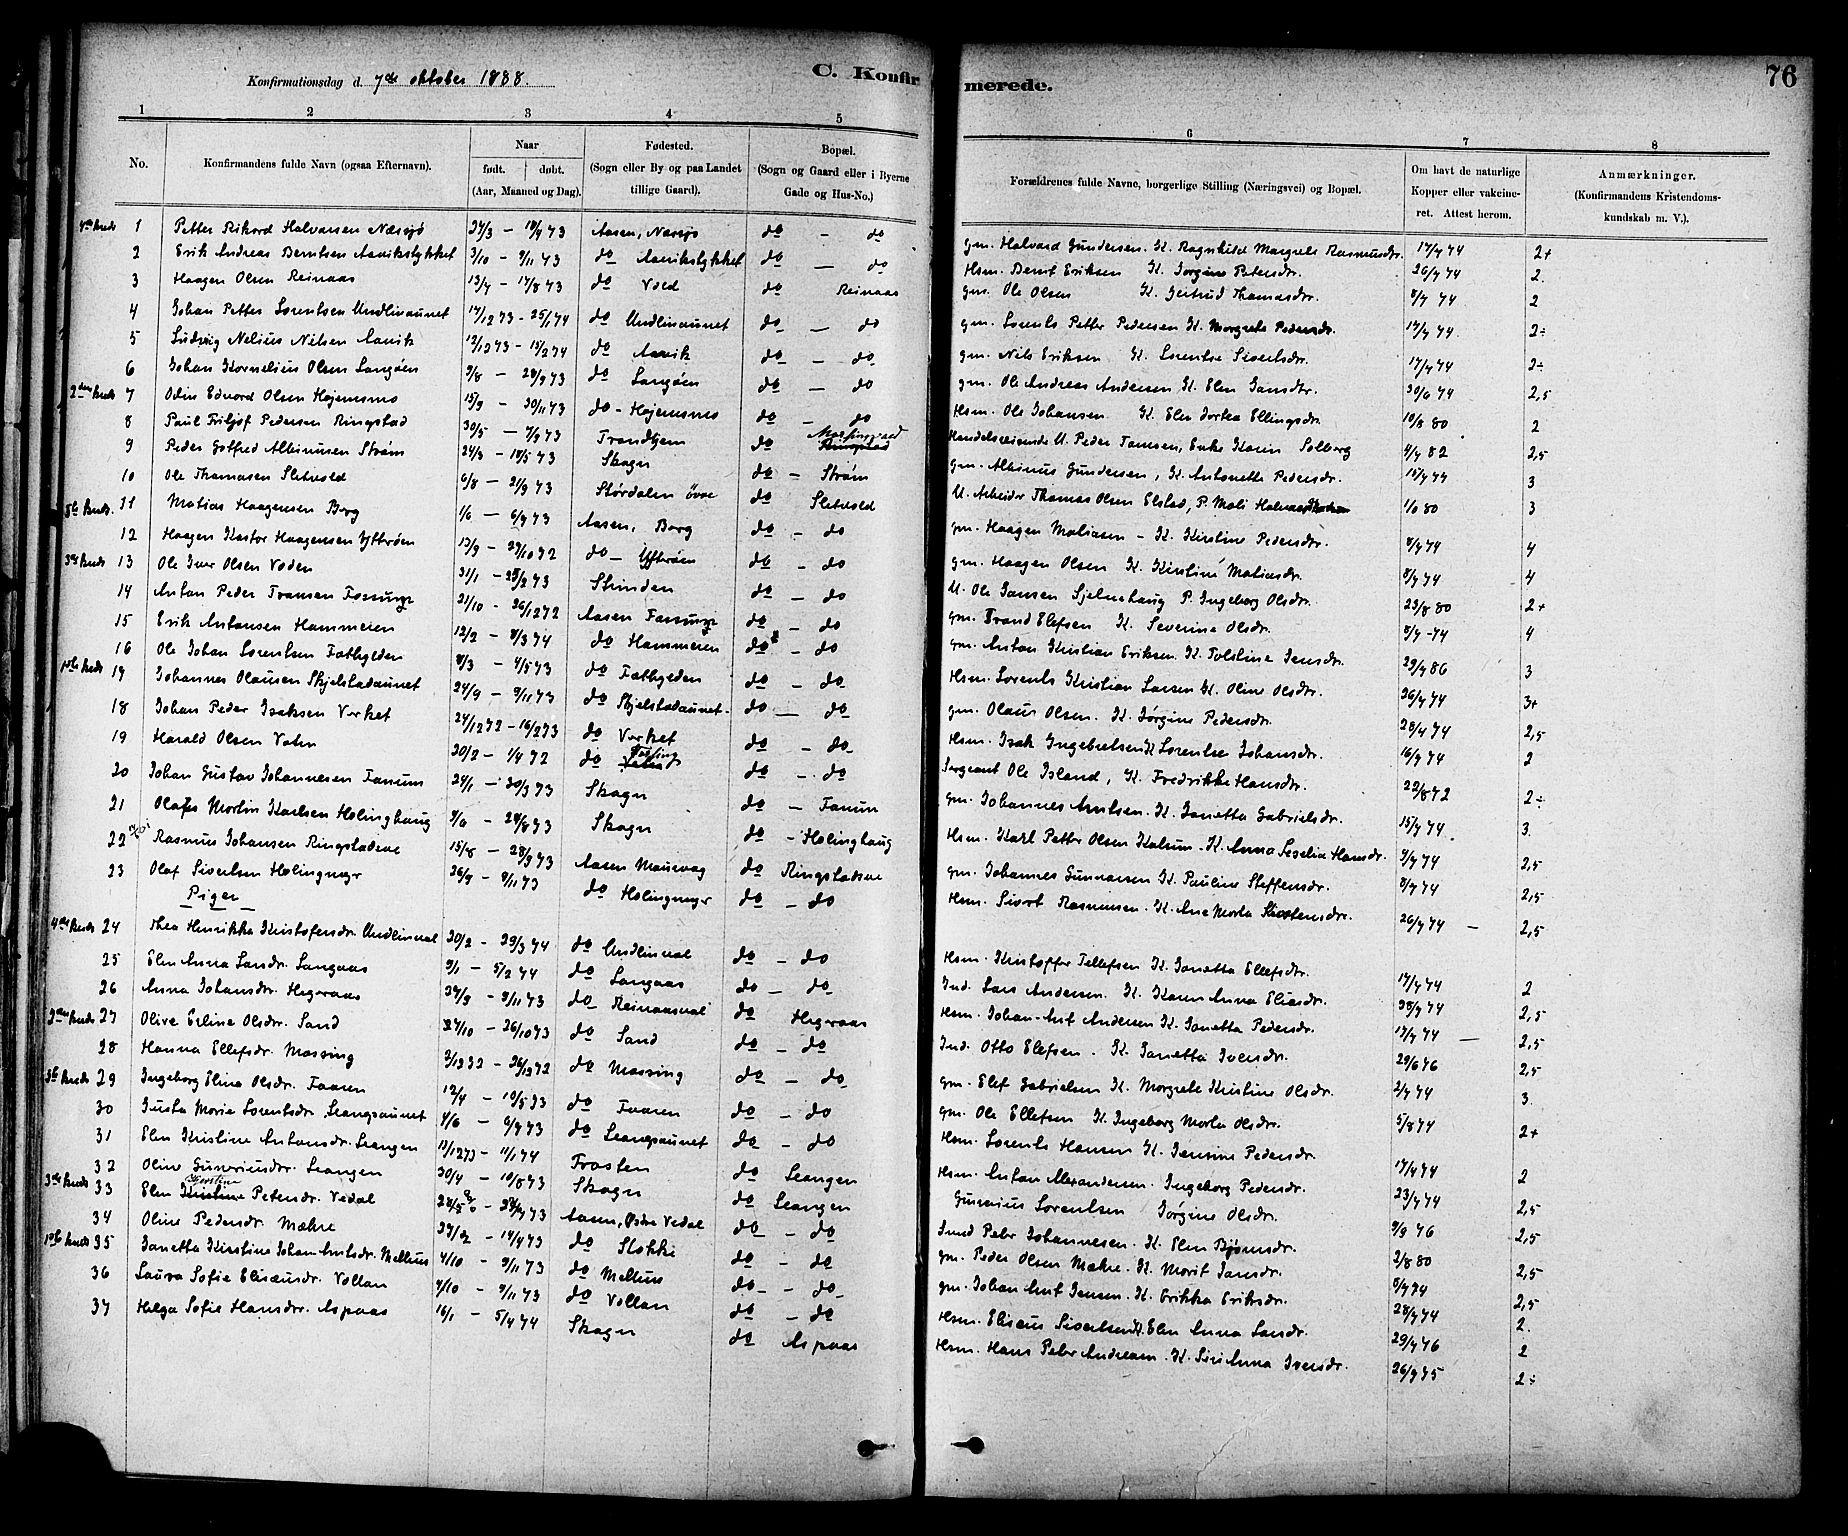 SAT, Ministerialprotokoller, klokkerbøker og fødselsregistre - Nord-Trøndelag, 714/L0130: Ministerialbok nr. 714A01, 1878-1895, s. 76